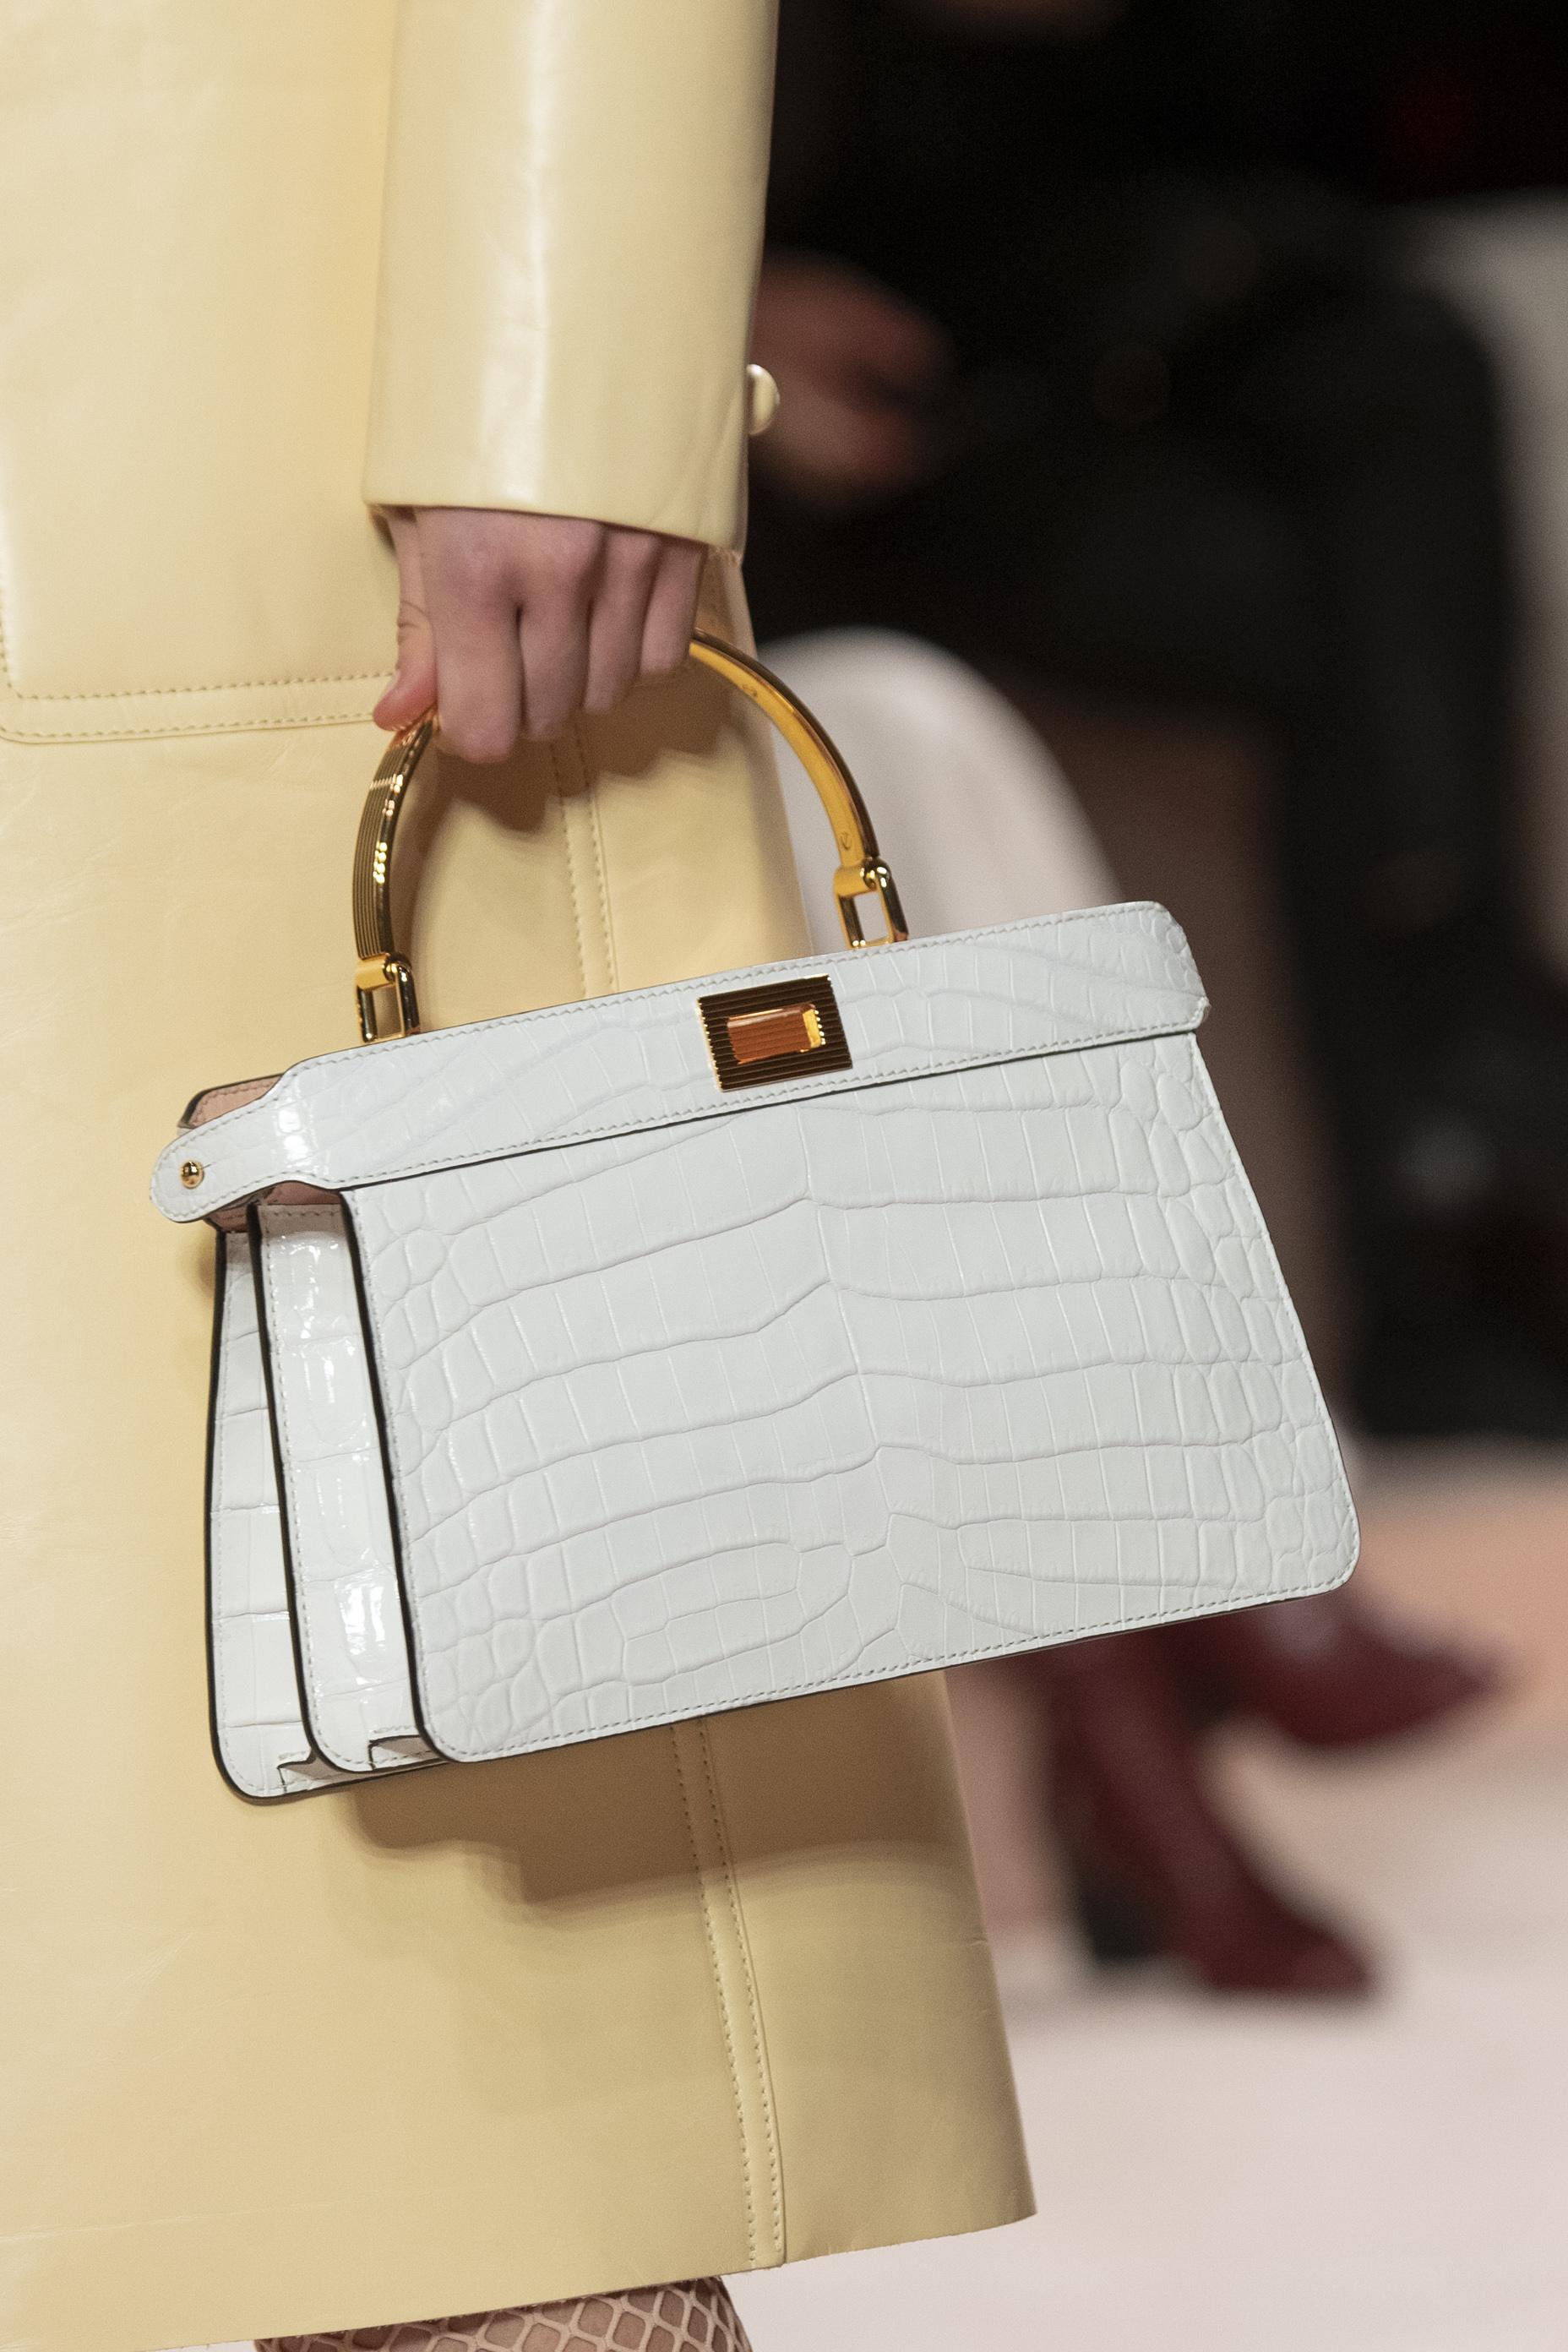 El otoño impone el estilo de cartera pequeña y de líneas definidas, como este modelo en blanco y dorado de Fendi. (WGSN)